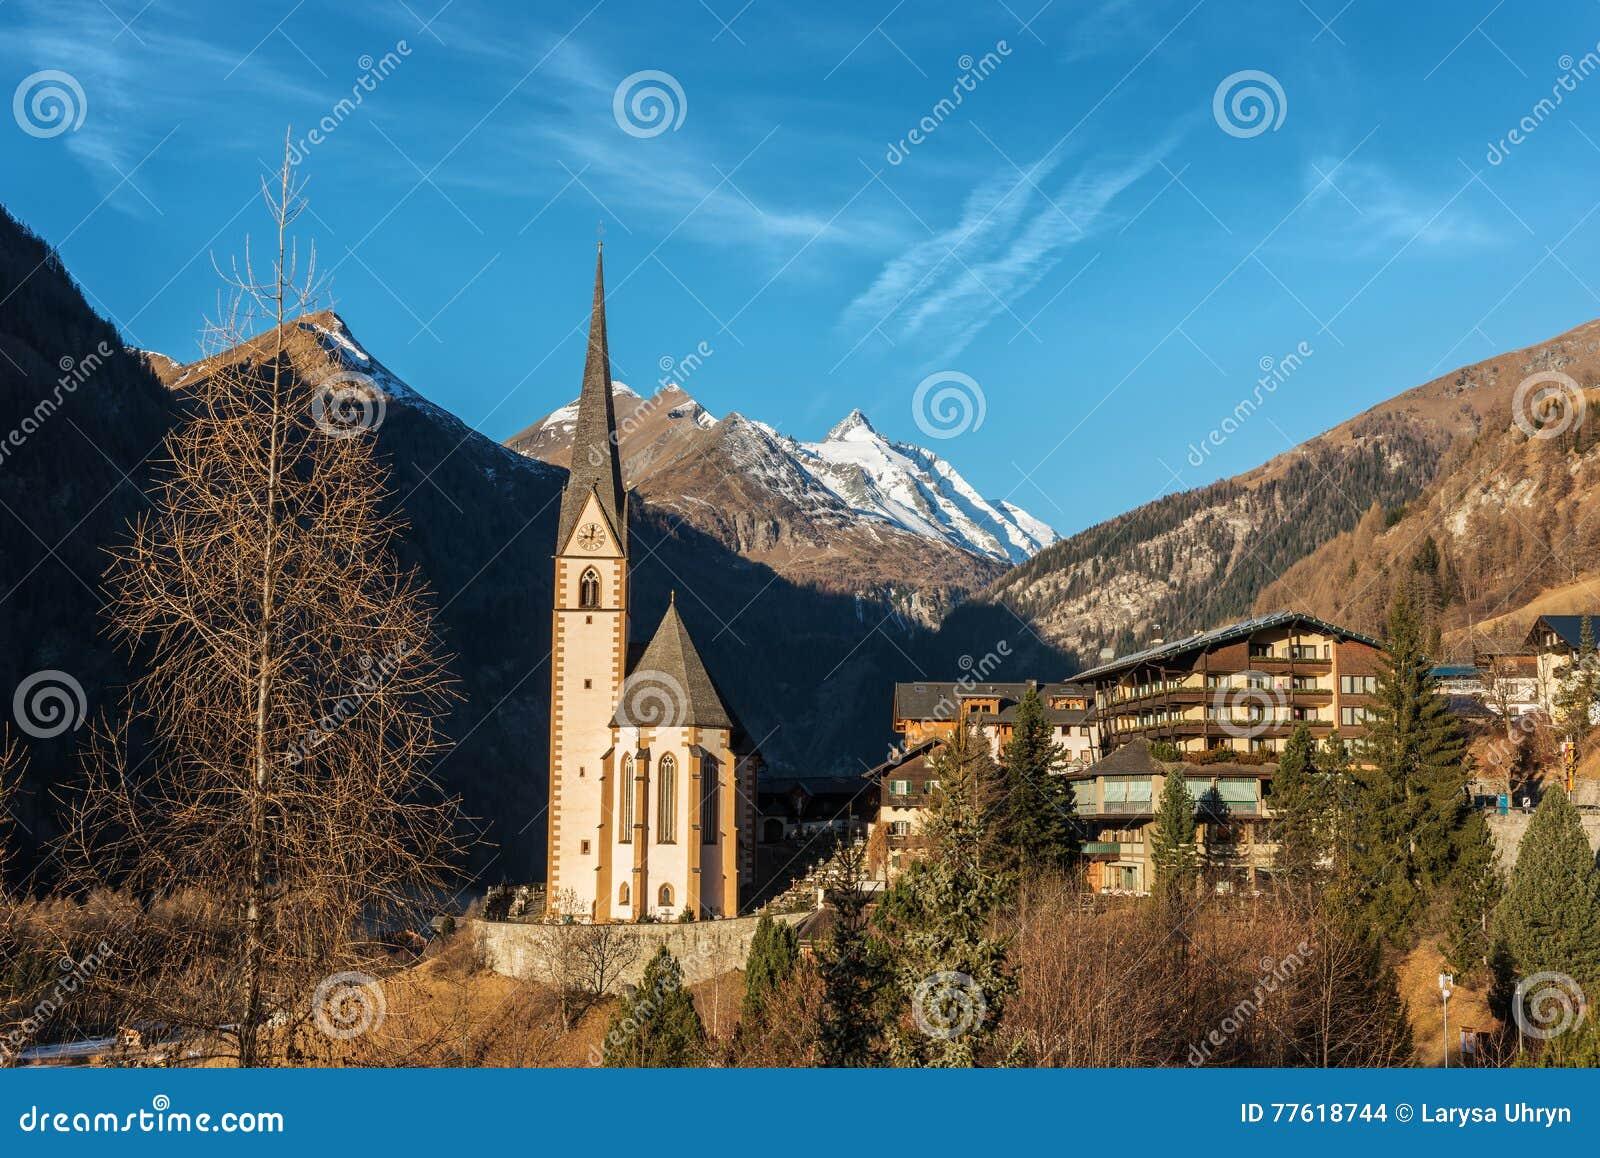 Αλπικό χωριό με την όμορφους εκκλησία και το μπλε ουρανό προσκυνήματος